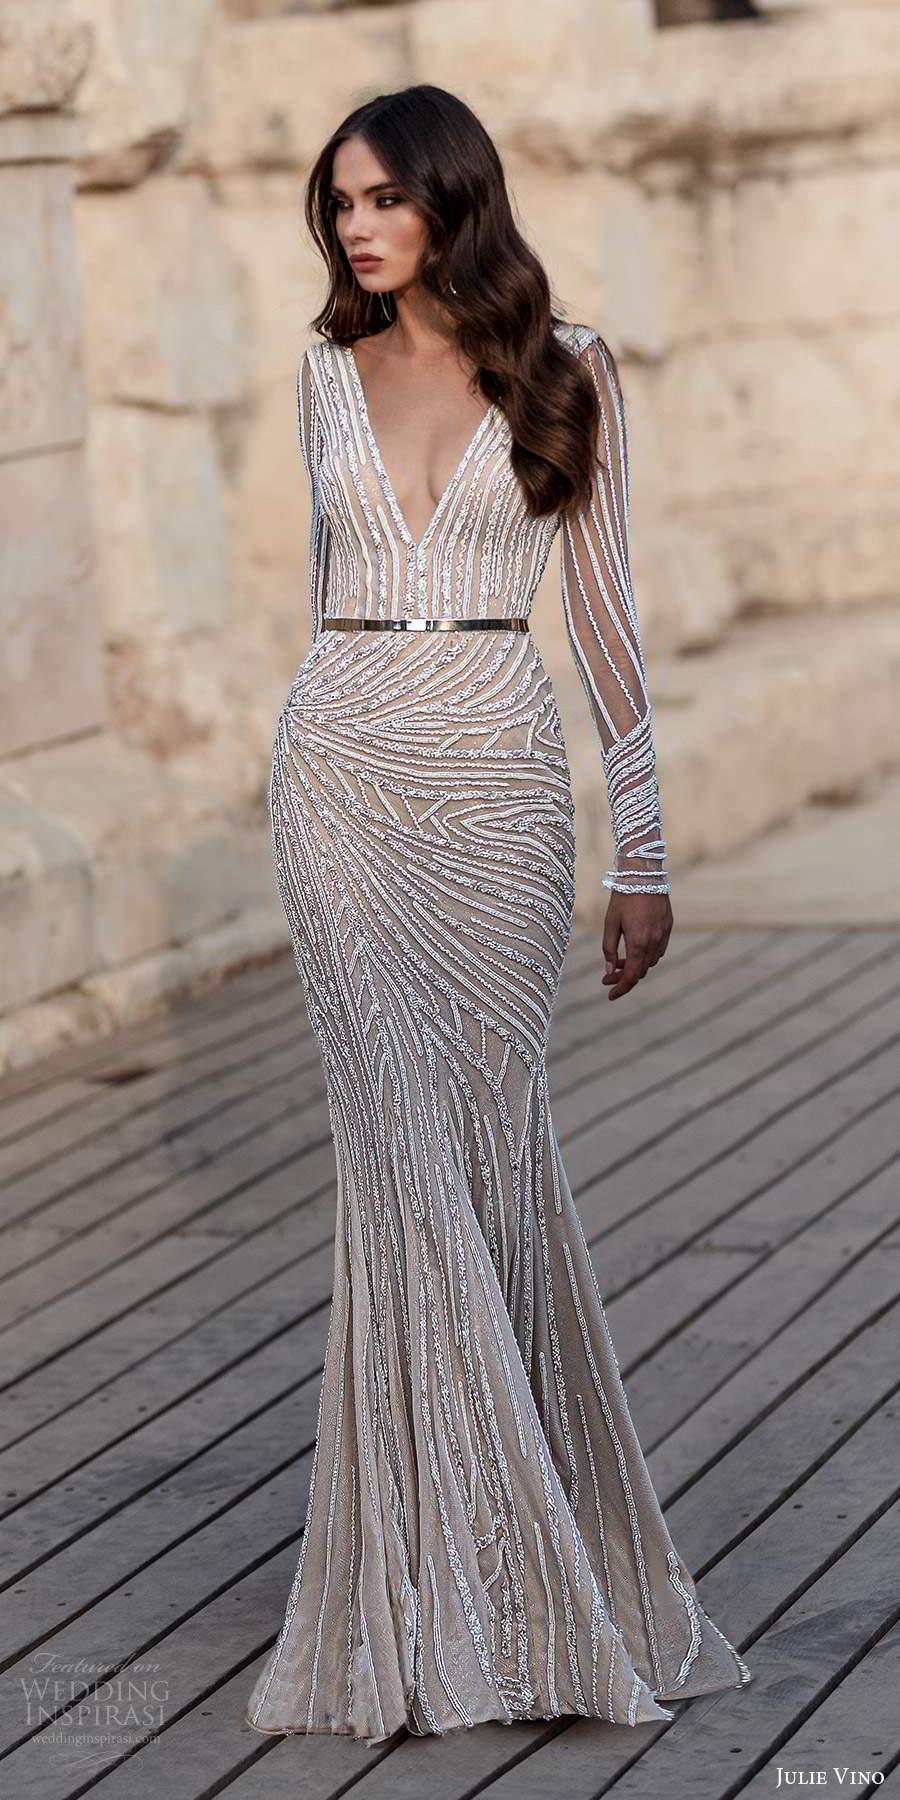 julie vino 2021 bridal sheer long sleeves plunging v neckline fully embellished sheath wedding dress sweep train (5) mv